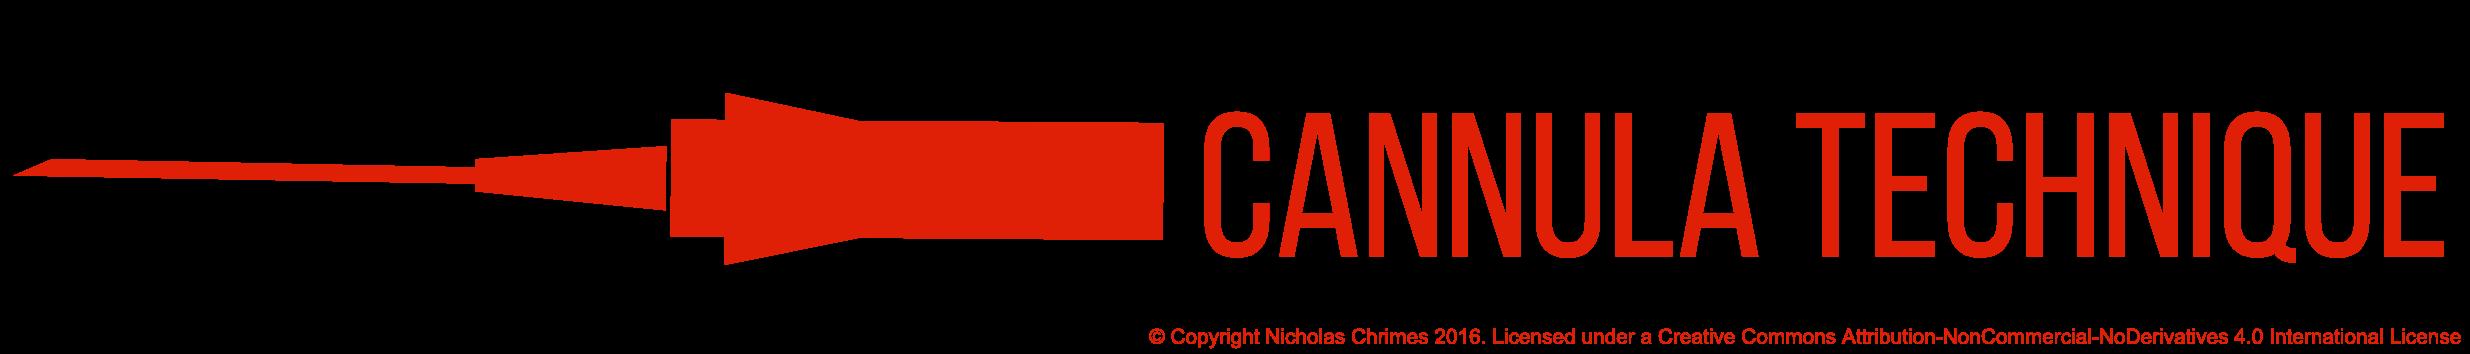 Cannula Technique Icon